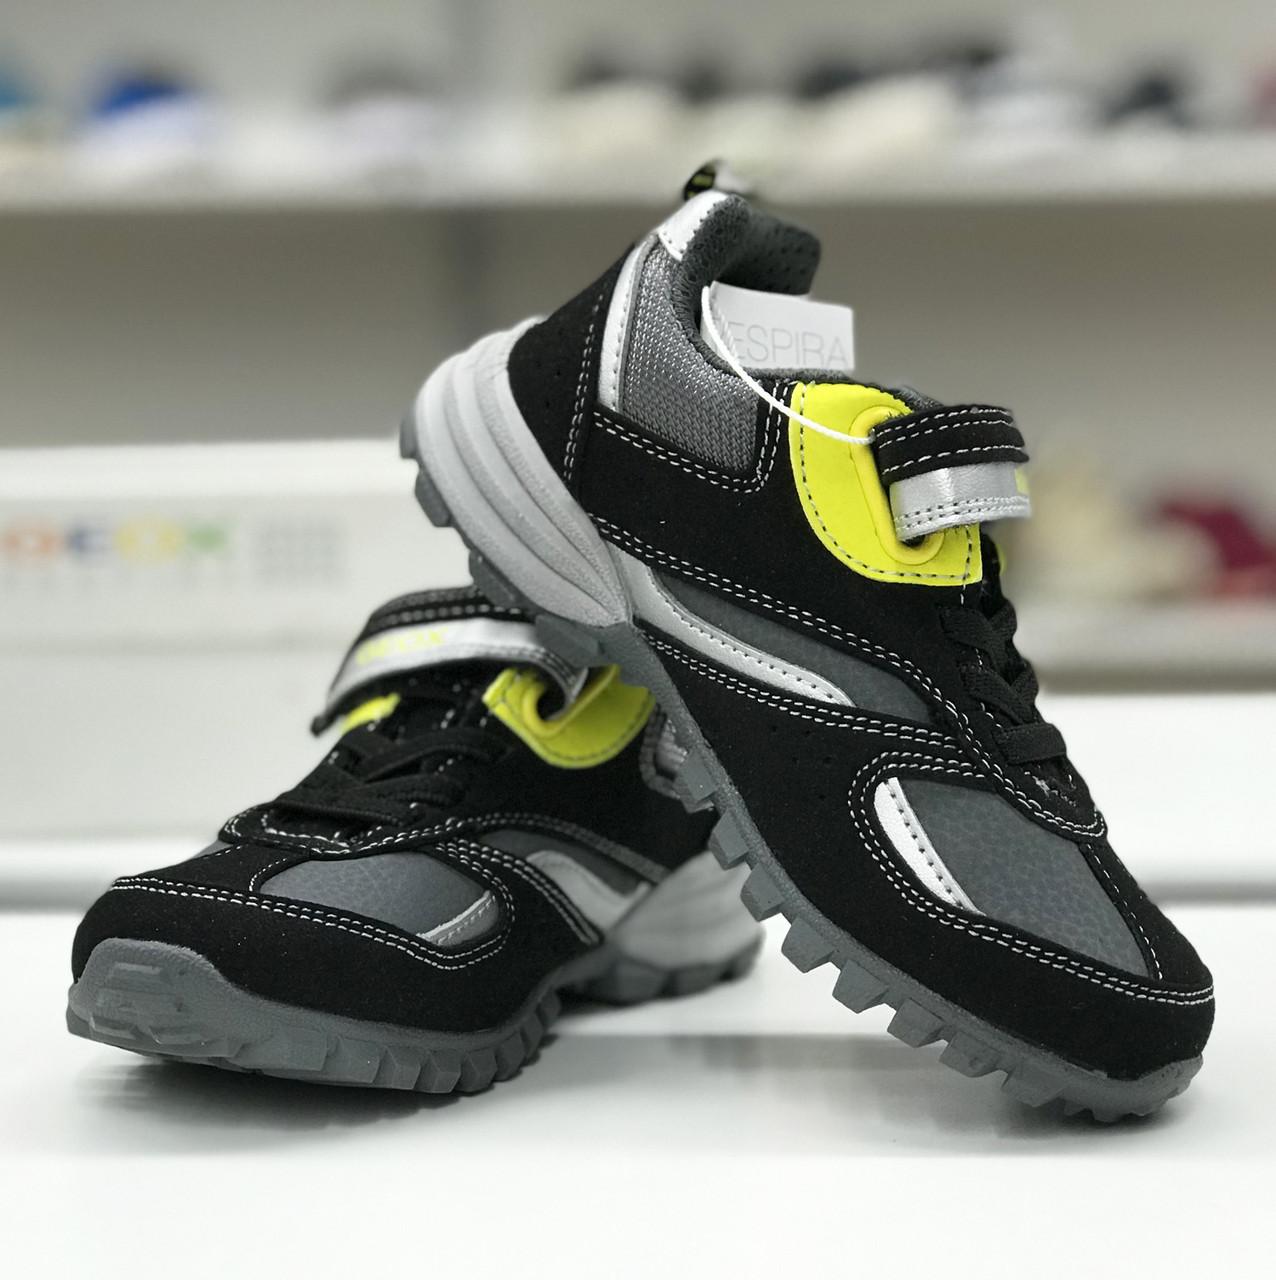 188ce924da6f67 Легкие практичные кроссовки Geox (Италия) р 26, джеокс оригинальная обувь -  Интернет-